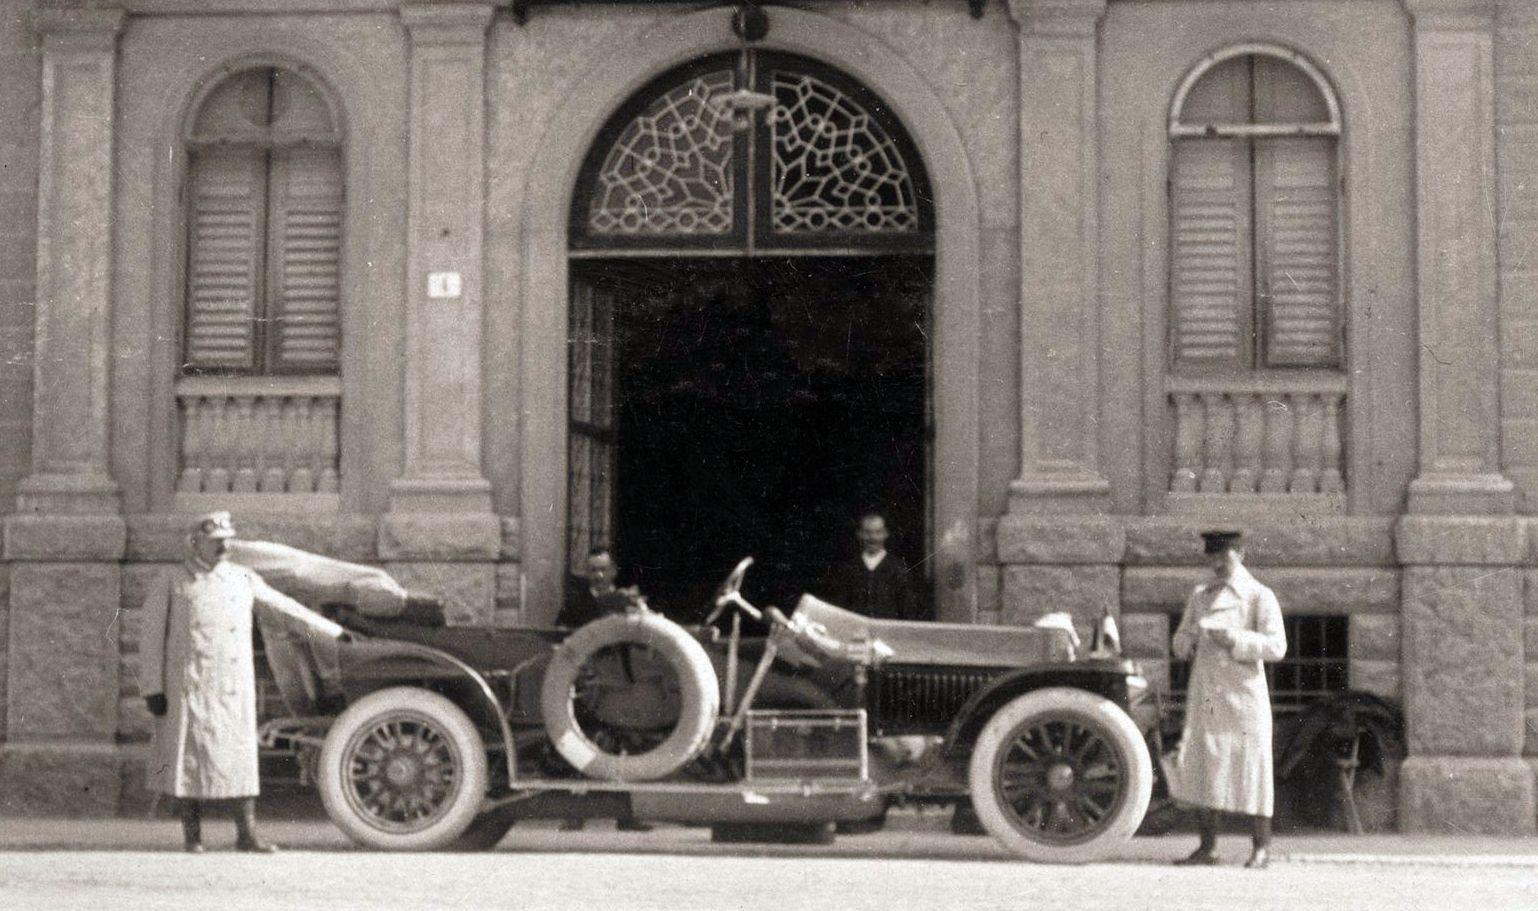 graf_und_stift_modell_1911_grand_hotel_trento_ausschnitt